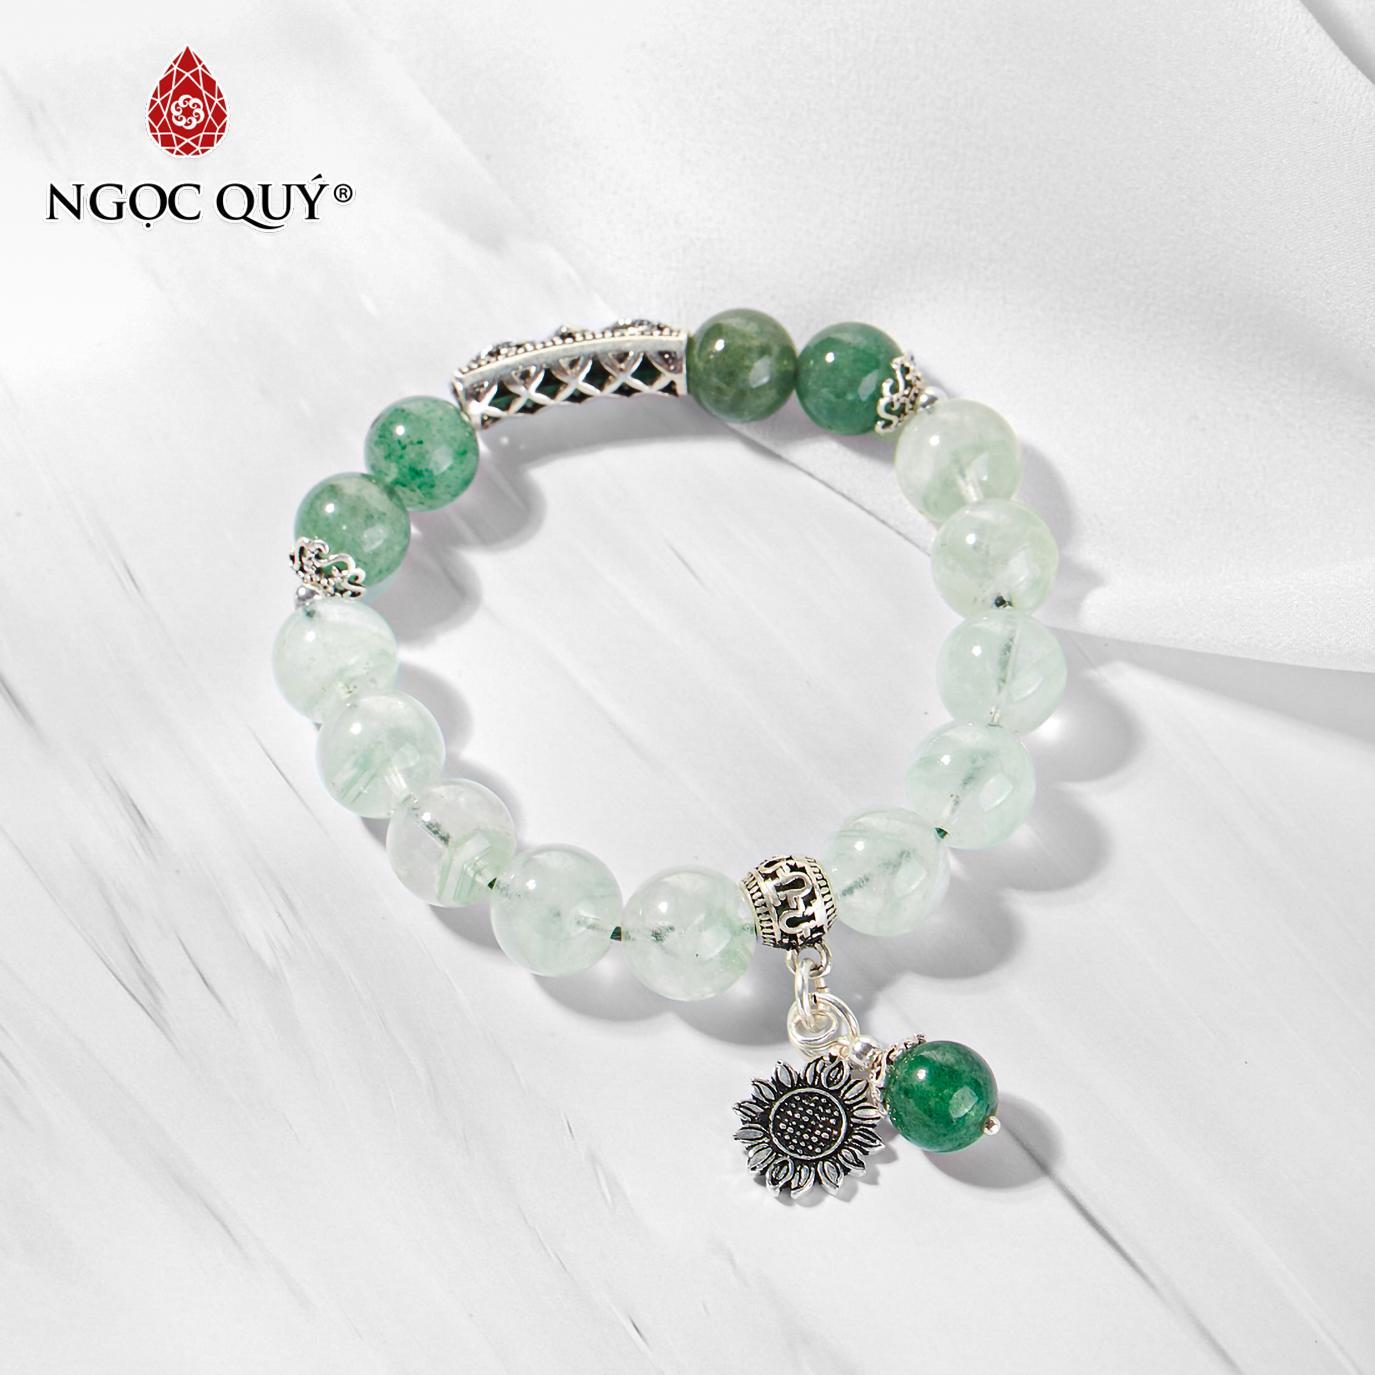 Vòng tay đá thạch anh ưu linh xanh phối charm hoa 10mm mệnh hỏa,mộc (màu xanh lá) - Ngọc Quý Gemstones